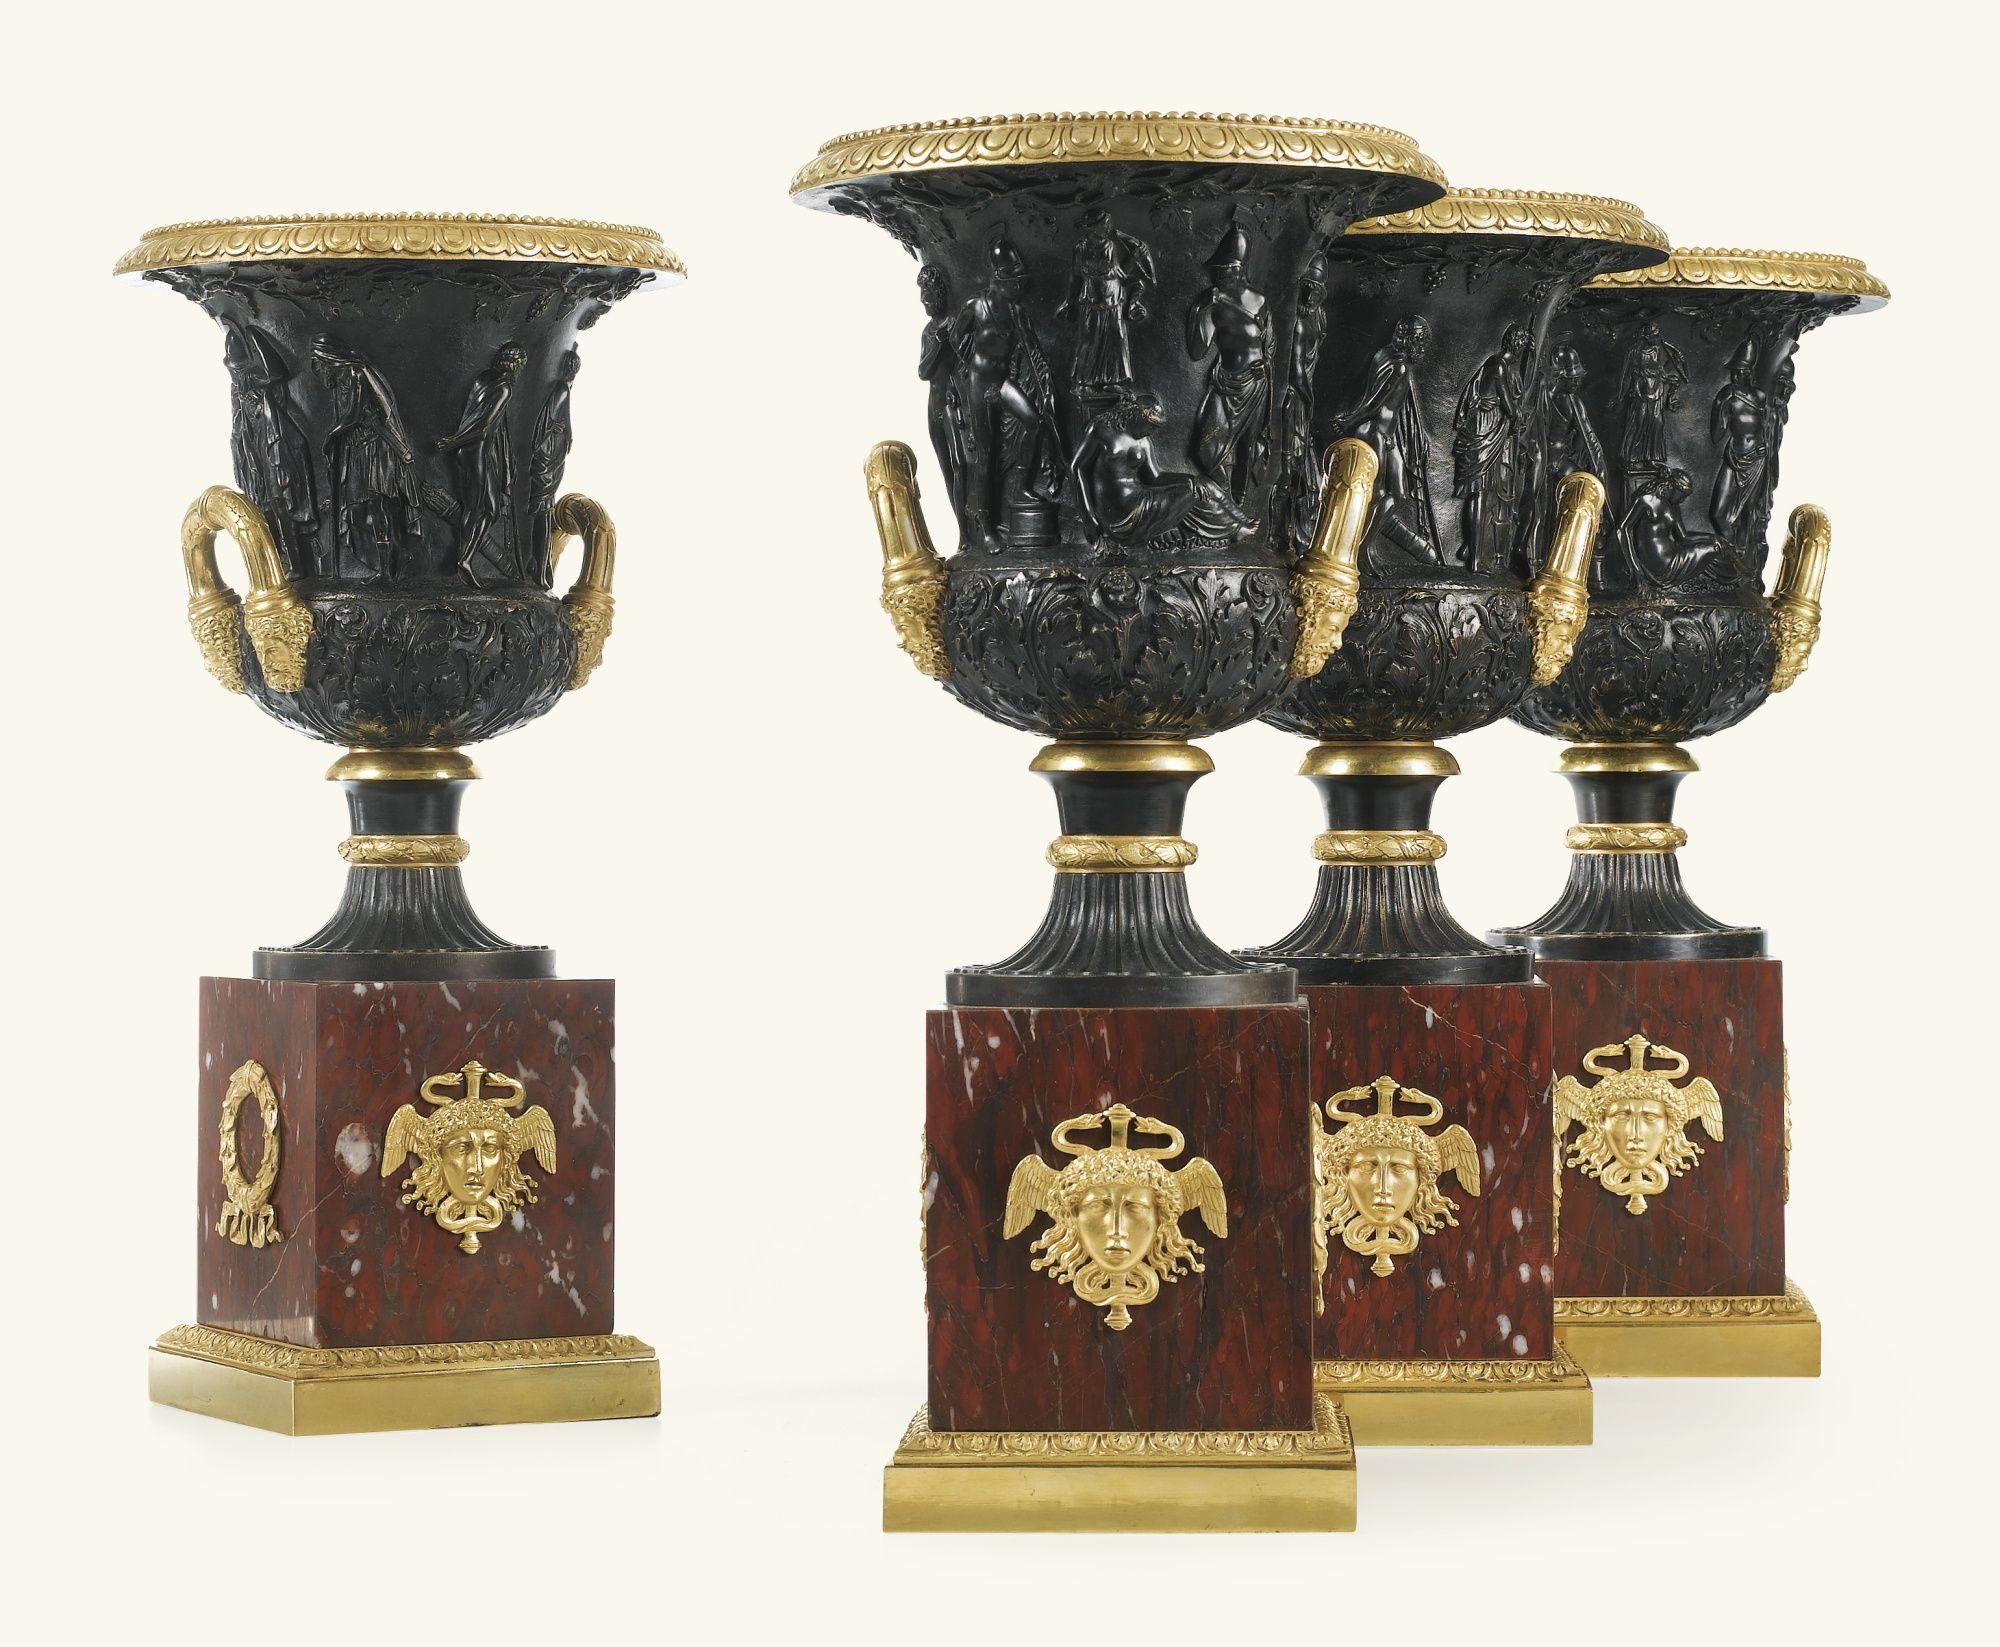 Cuatro jarrones campana en bronce dorado y patinado, italianos, cerca de 1840. Alto 47.5 cm.